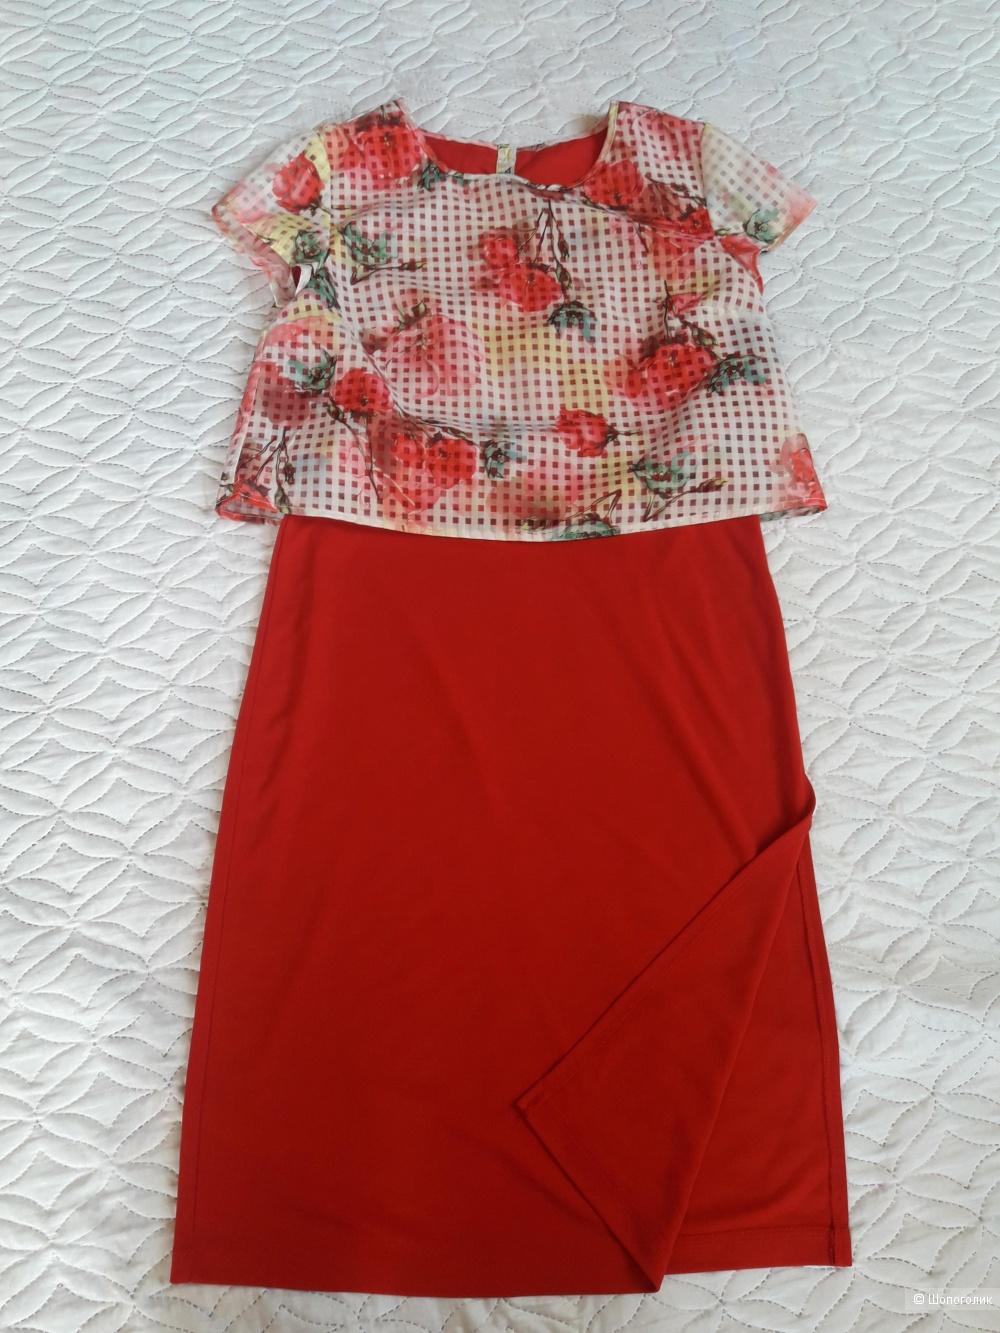 Блузка и юбка Mexx, размер 44-46.